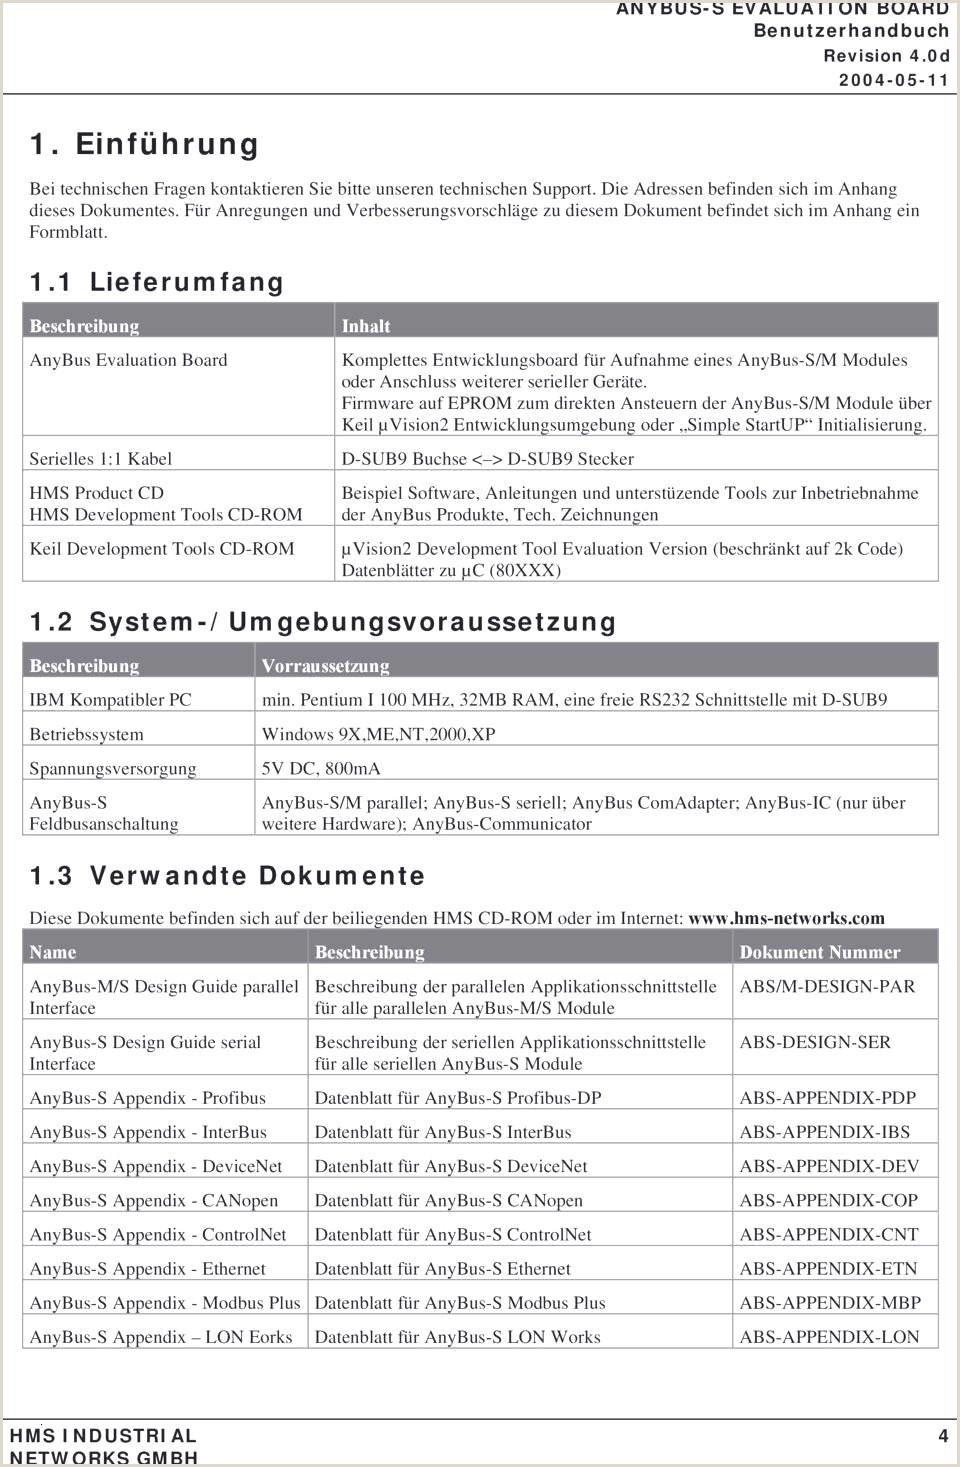 Lebenslauf Muster Hotellerie fortgeschritten Bewerbungsschreiben Muster Fc3bcr Feuerwehr